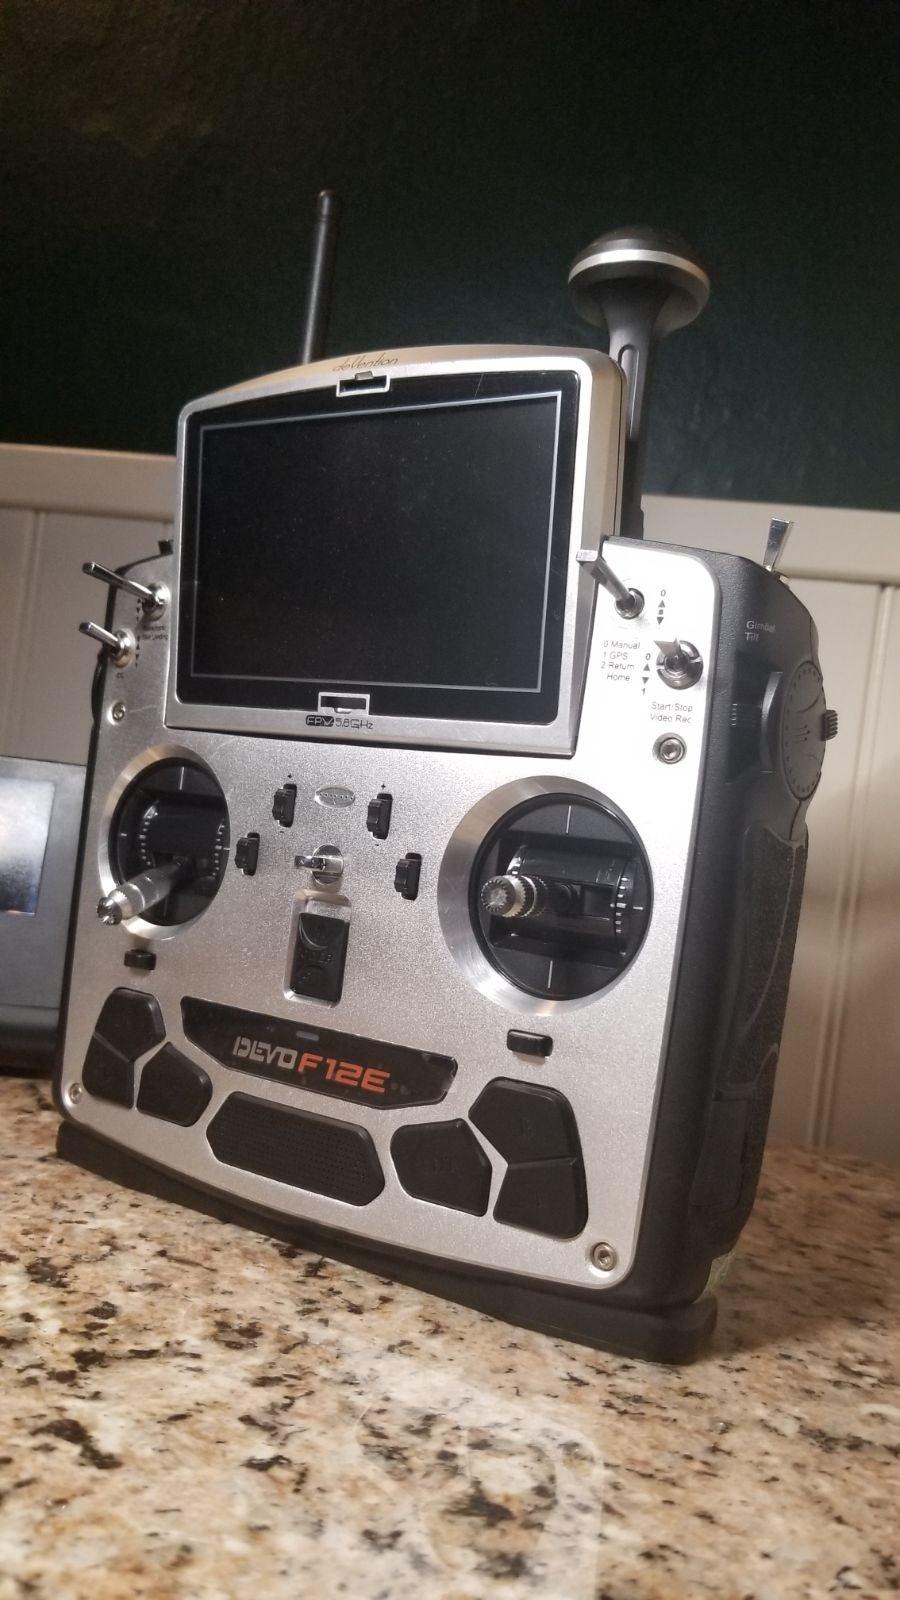 Walkera DEVO F12E Drone Remote UNIVERSAL